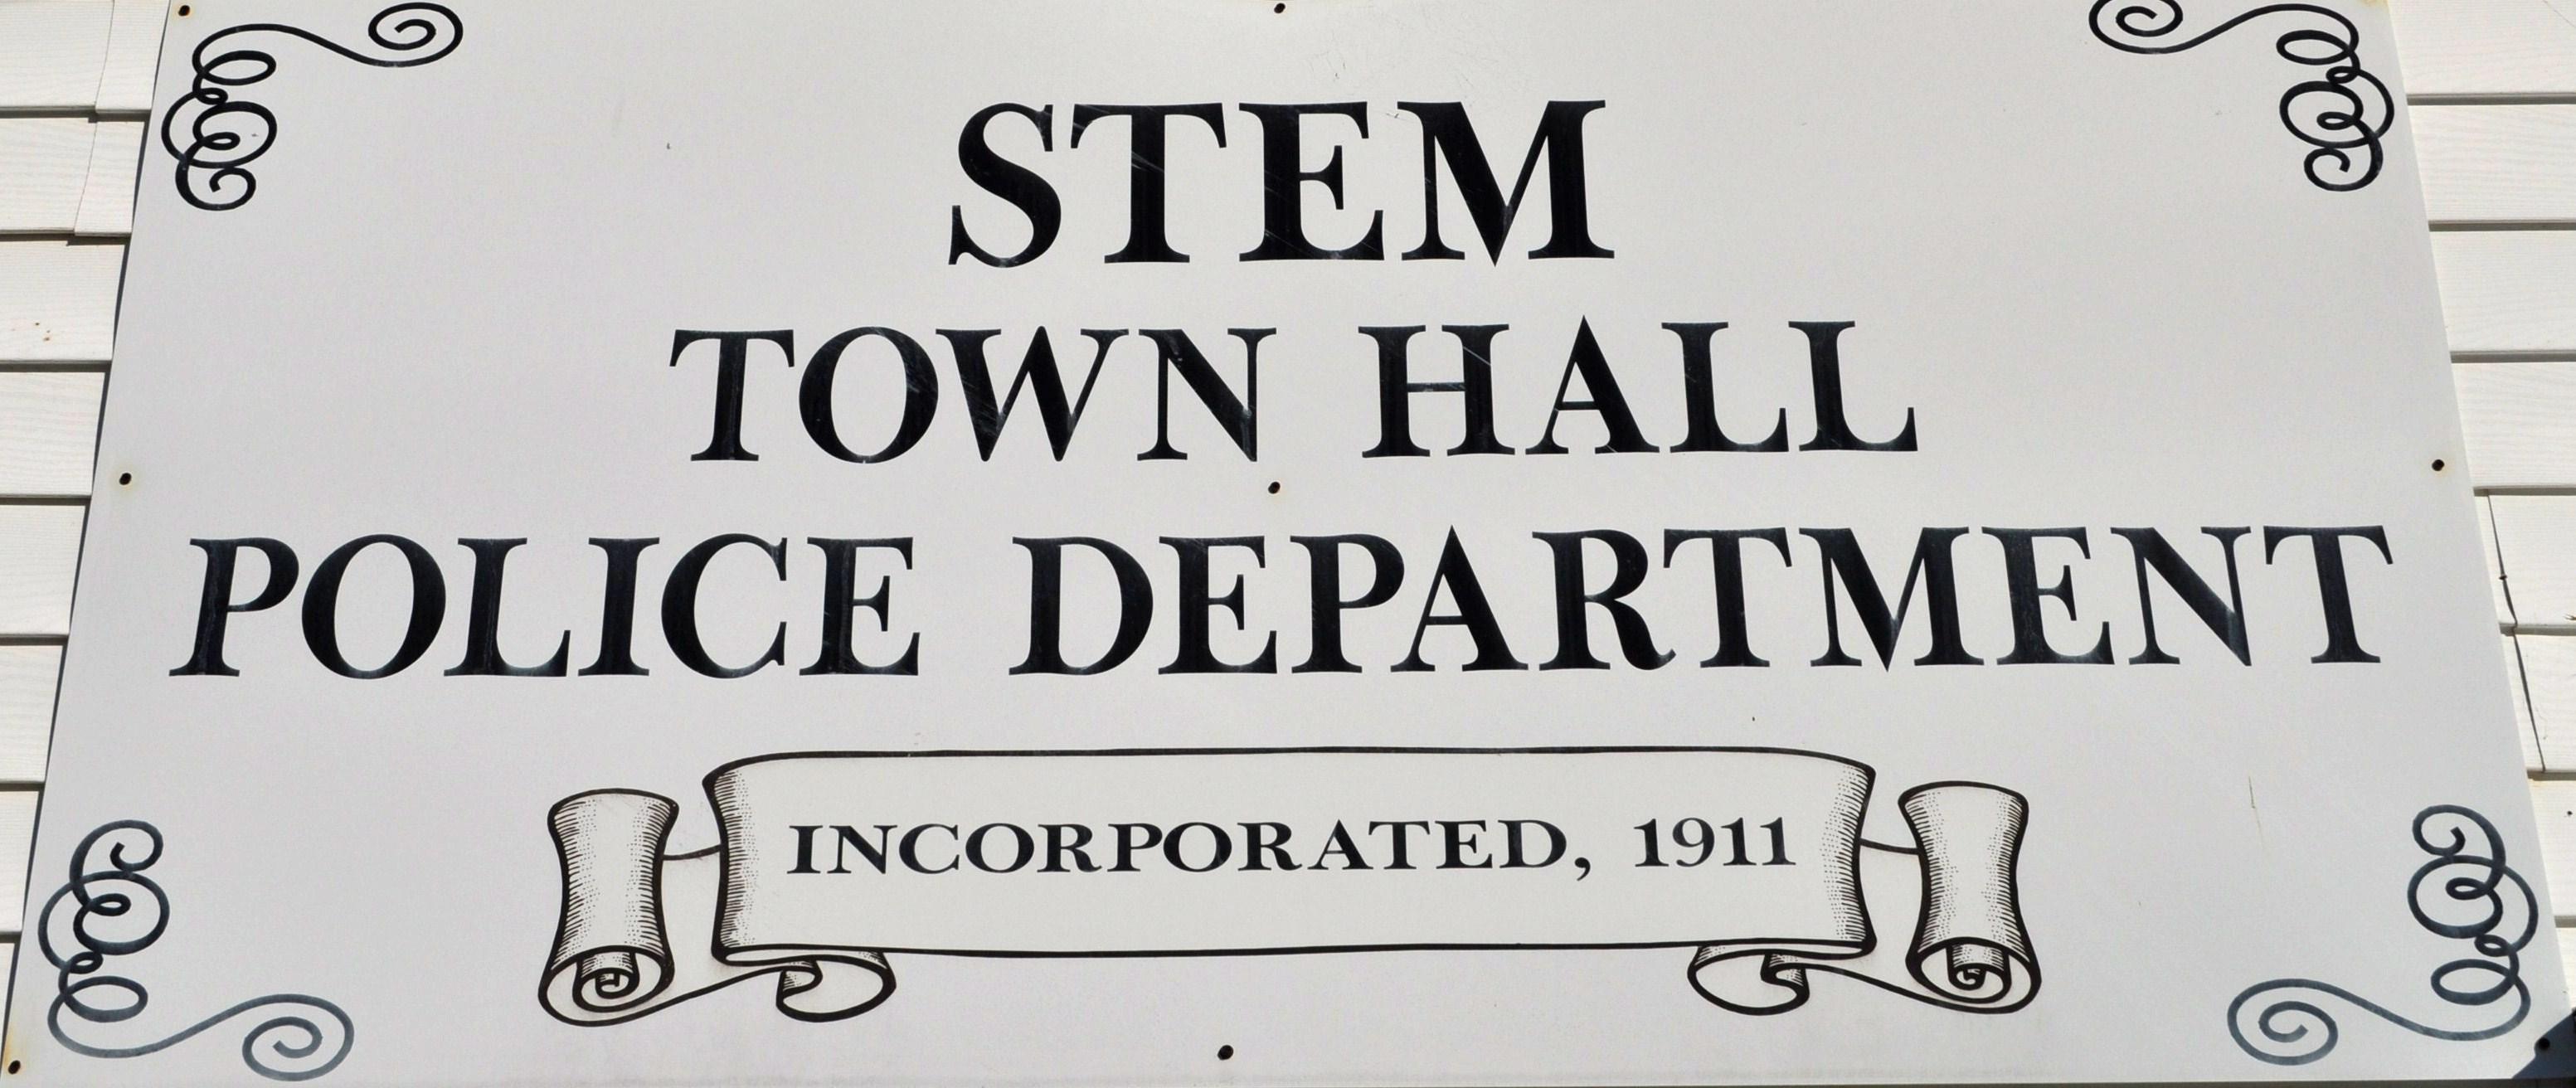 File:Stem Town Hall Sign.jpg - Wikimedia Commonsstem townpoto memek dan susu tina talisa